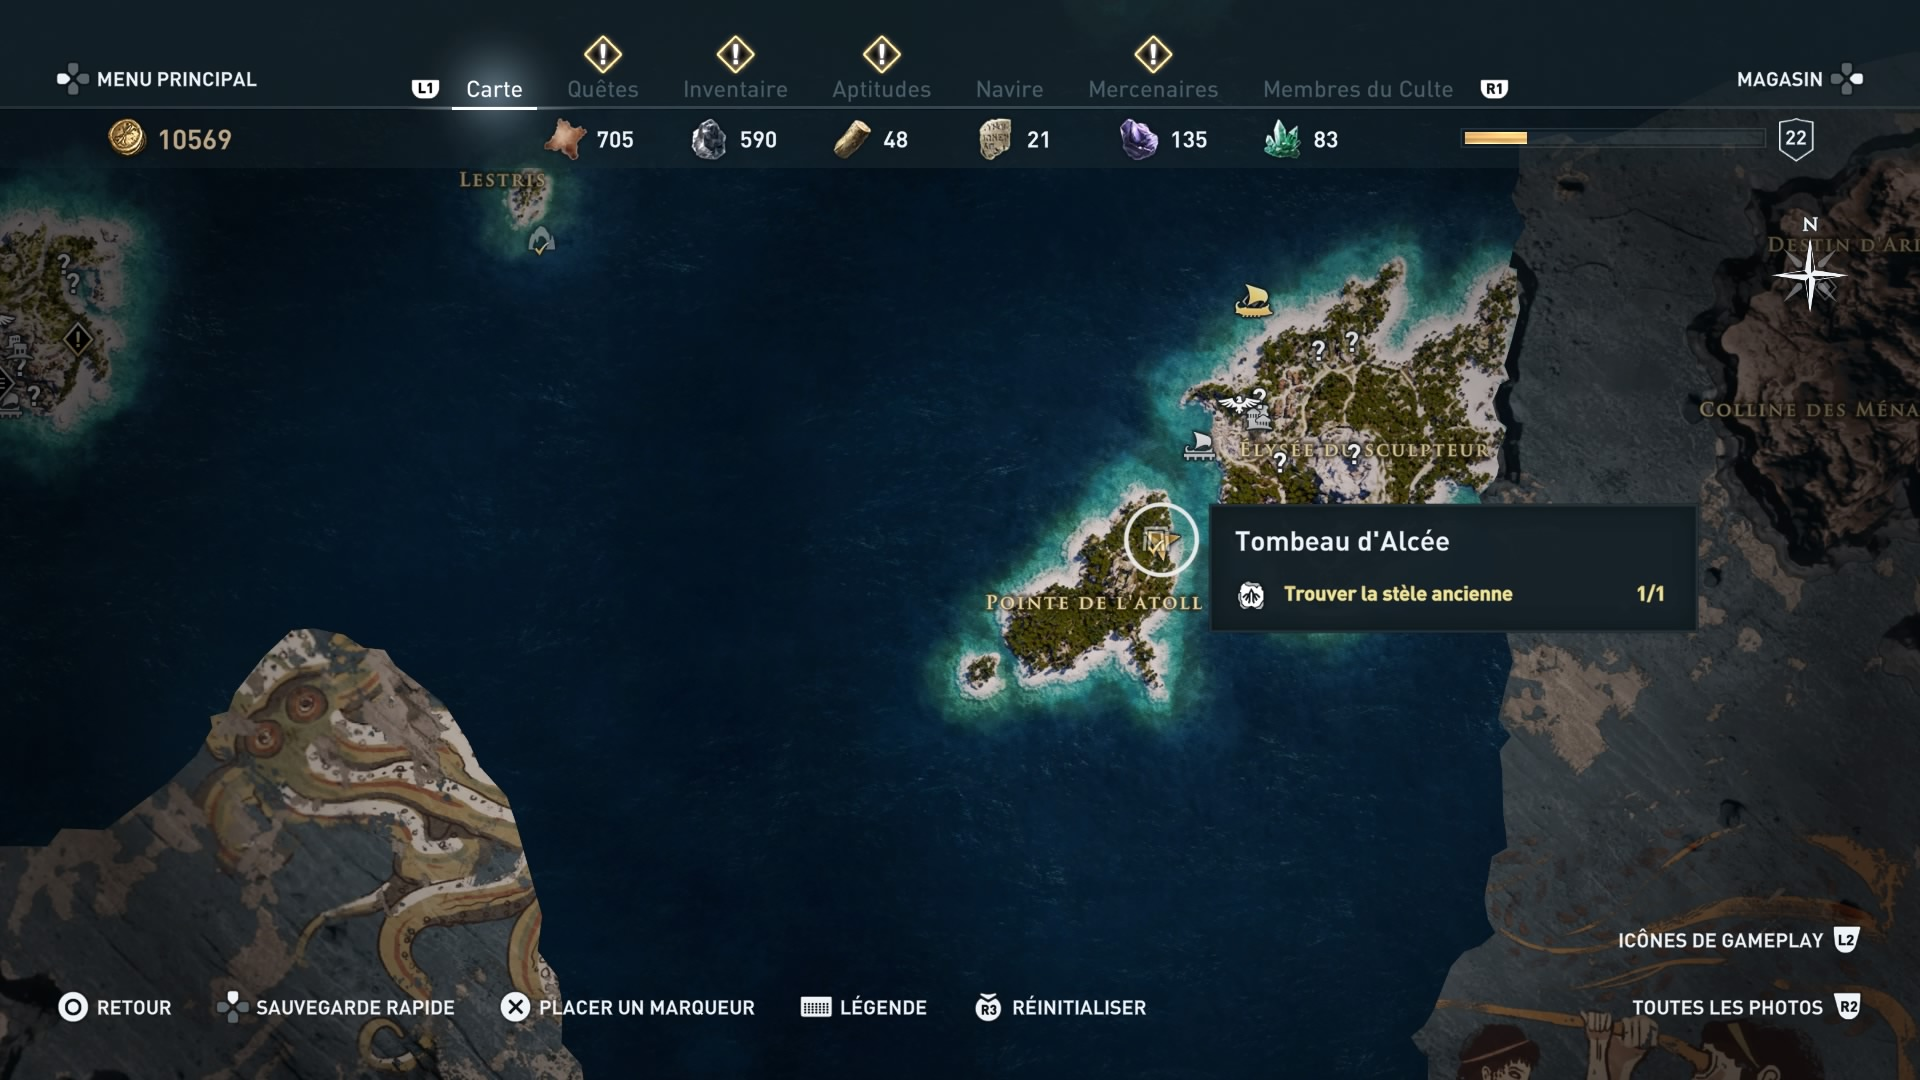 assassin's creed odyssey, ps4, xbox one, pc,u ubisosft, soluce, astuce, emplacement tombeau et stèle anciennes île de paros, tombeau d'alcée